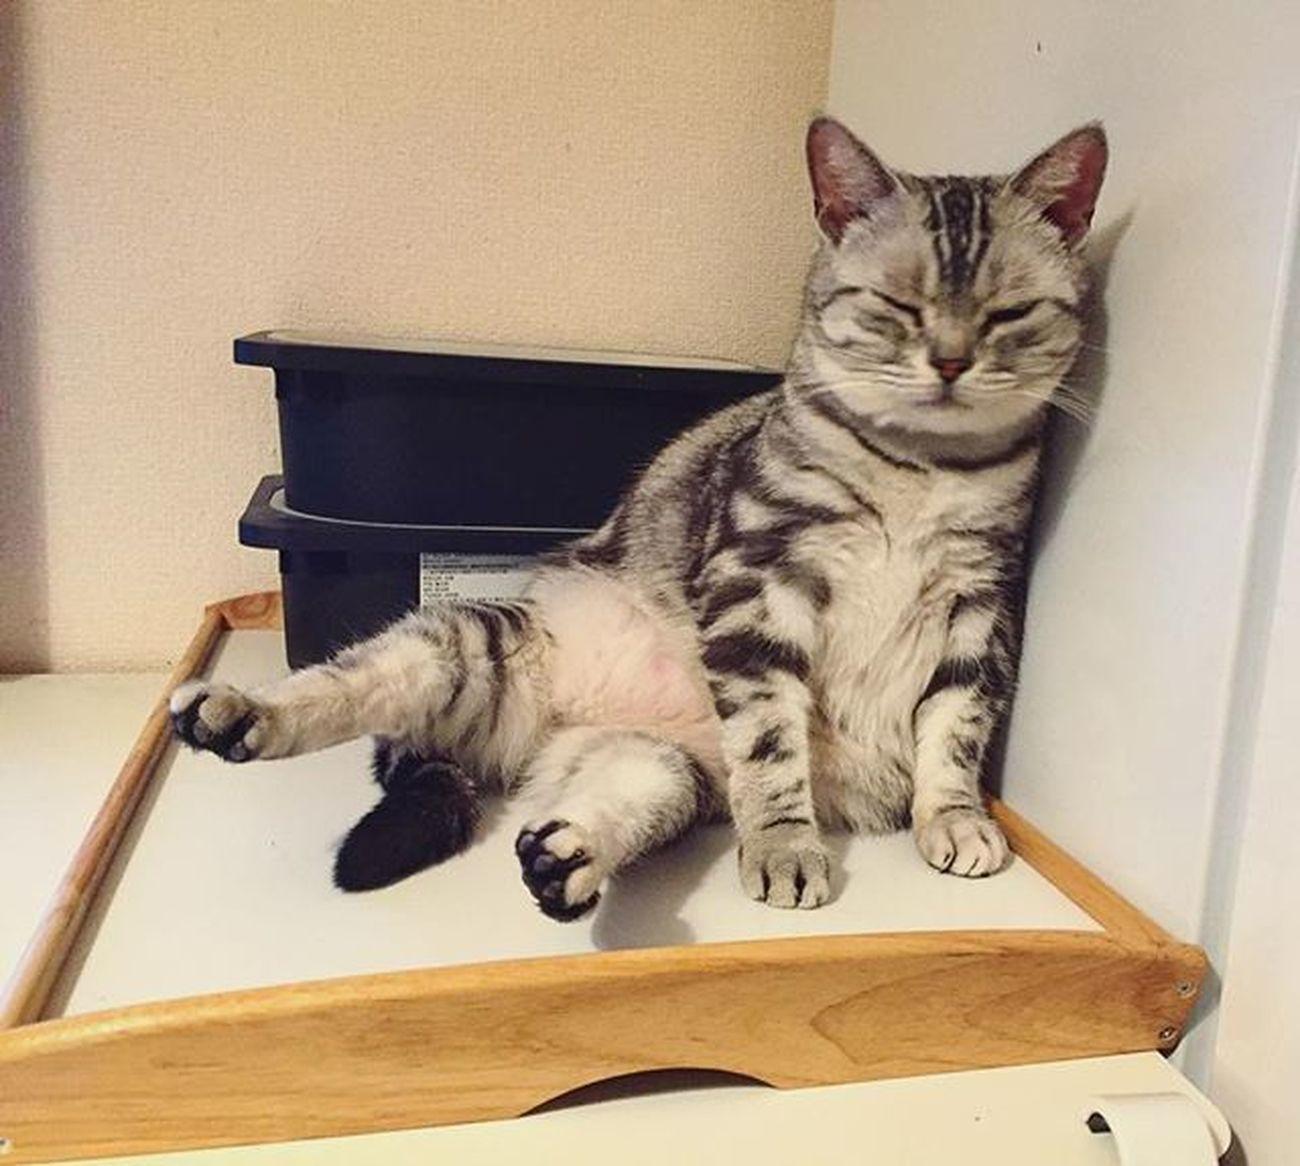 Cat Neko ねこ 猫 ねこ Cats アメリカンショートヘアー アメショ Americanshorthair ズズ ズズ子 Zuzu ズズっぺ シルバータビー 昨日のズっぺでおはようございます…😆😸💕どっこいしょって座ってしばらく後ろ足浮かすのがデフォなんだけど…やっぱお腹出てるのが要因なのだろうか…😅💦